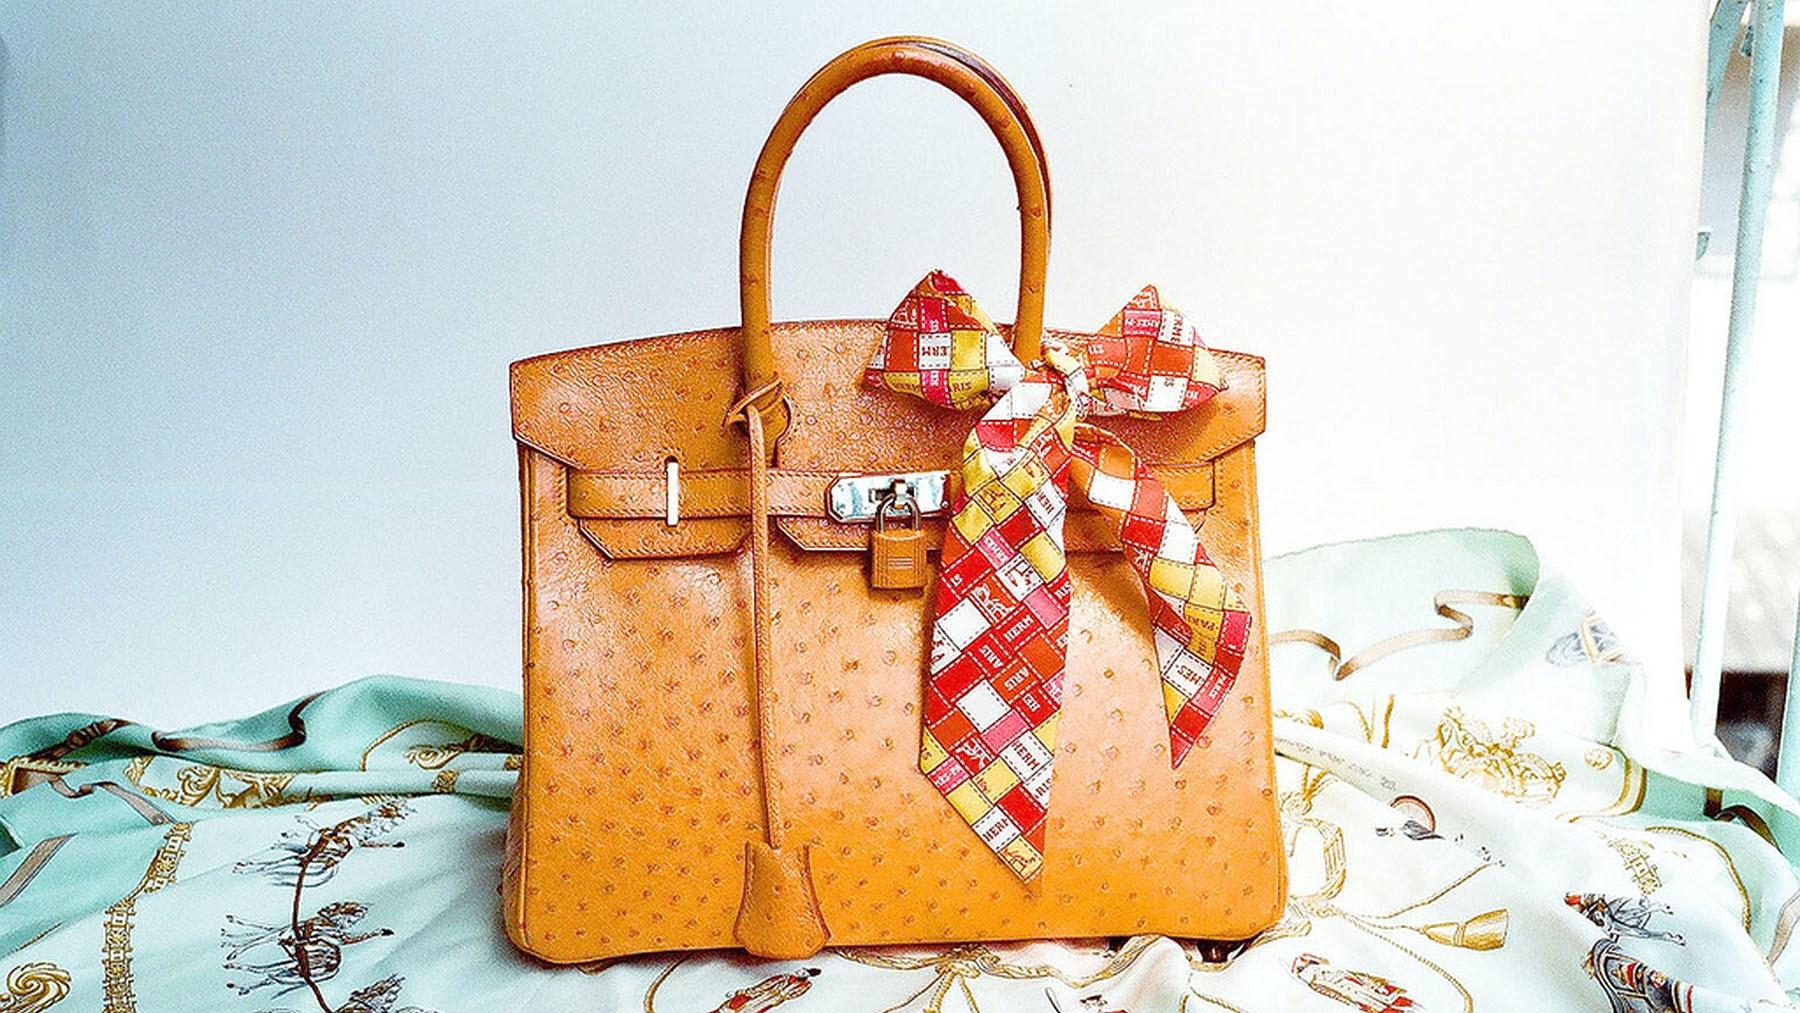 Hermès ostrich Birkin bag | Source: Flickr/Liuwencheng